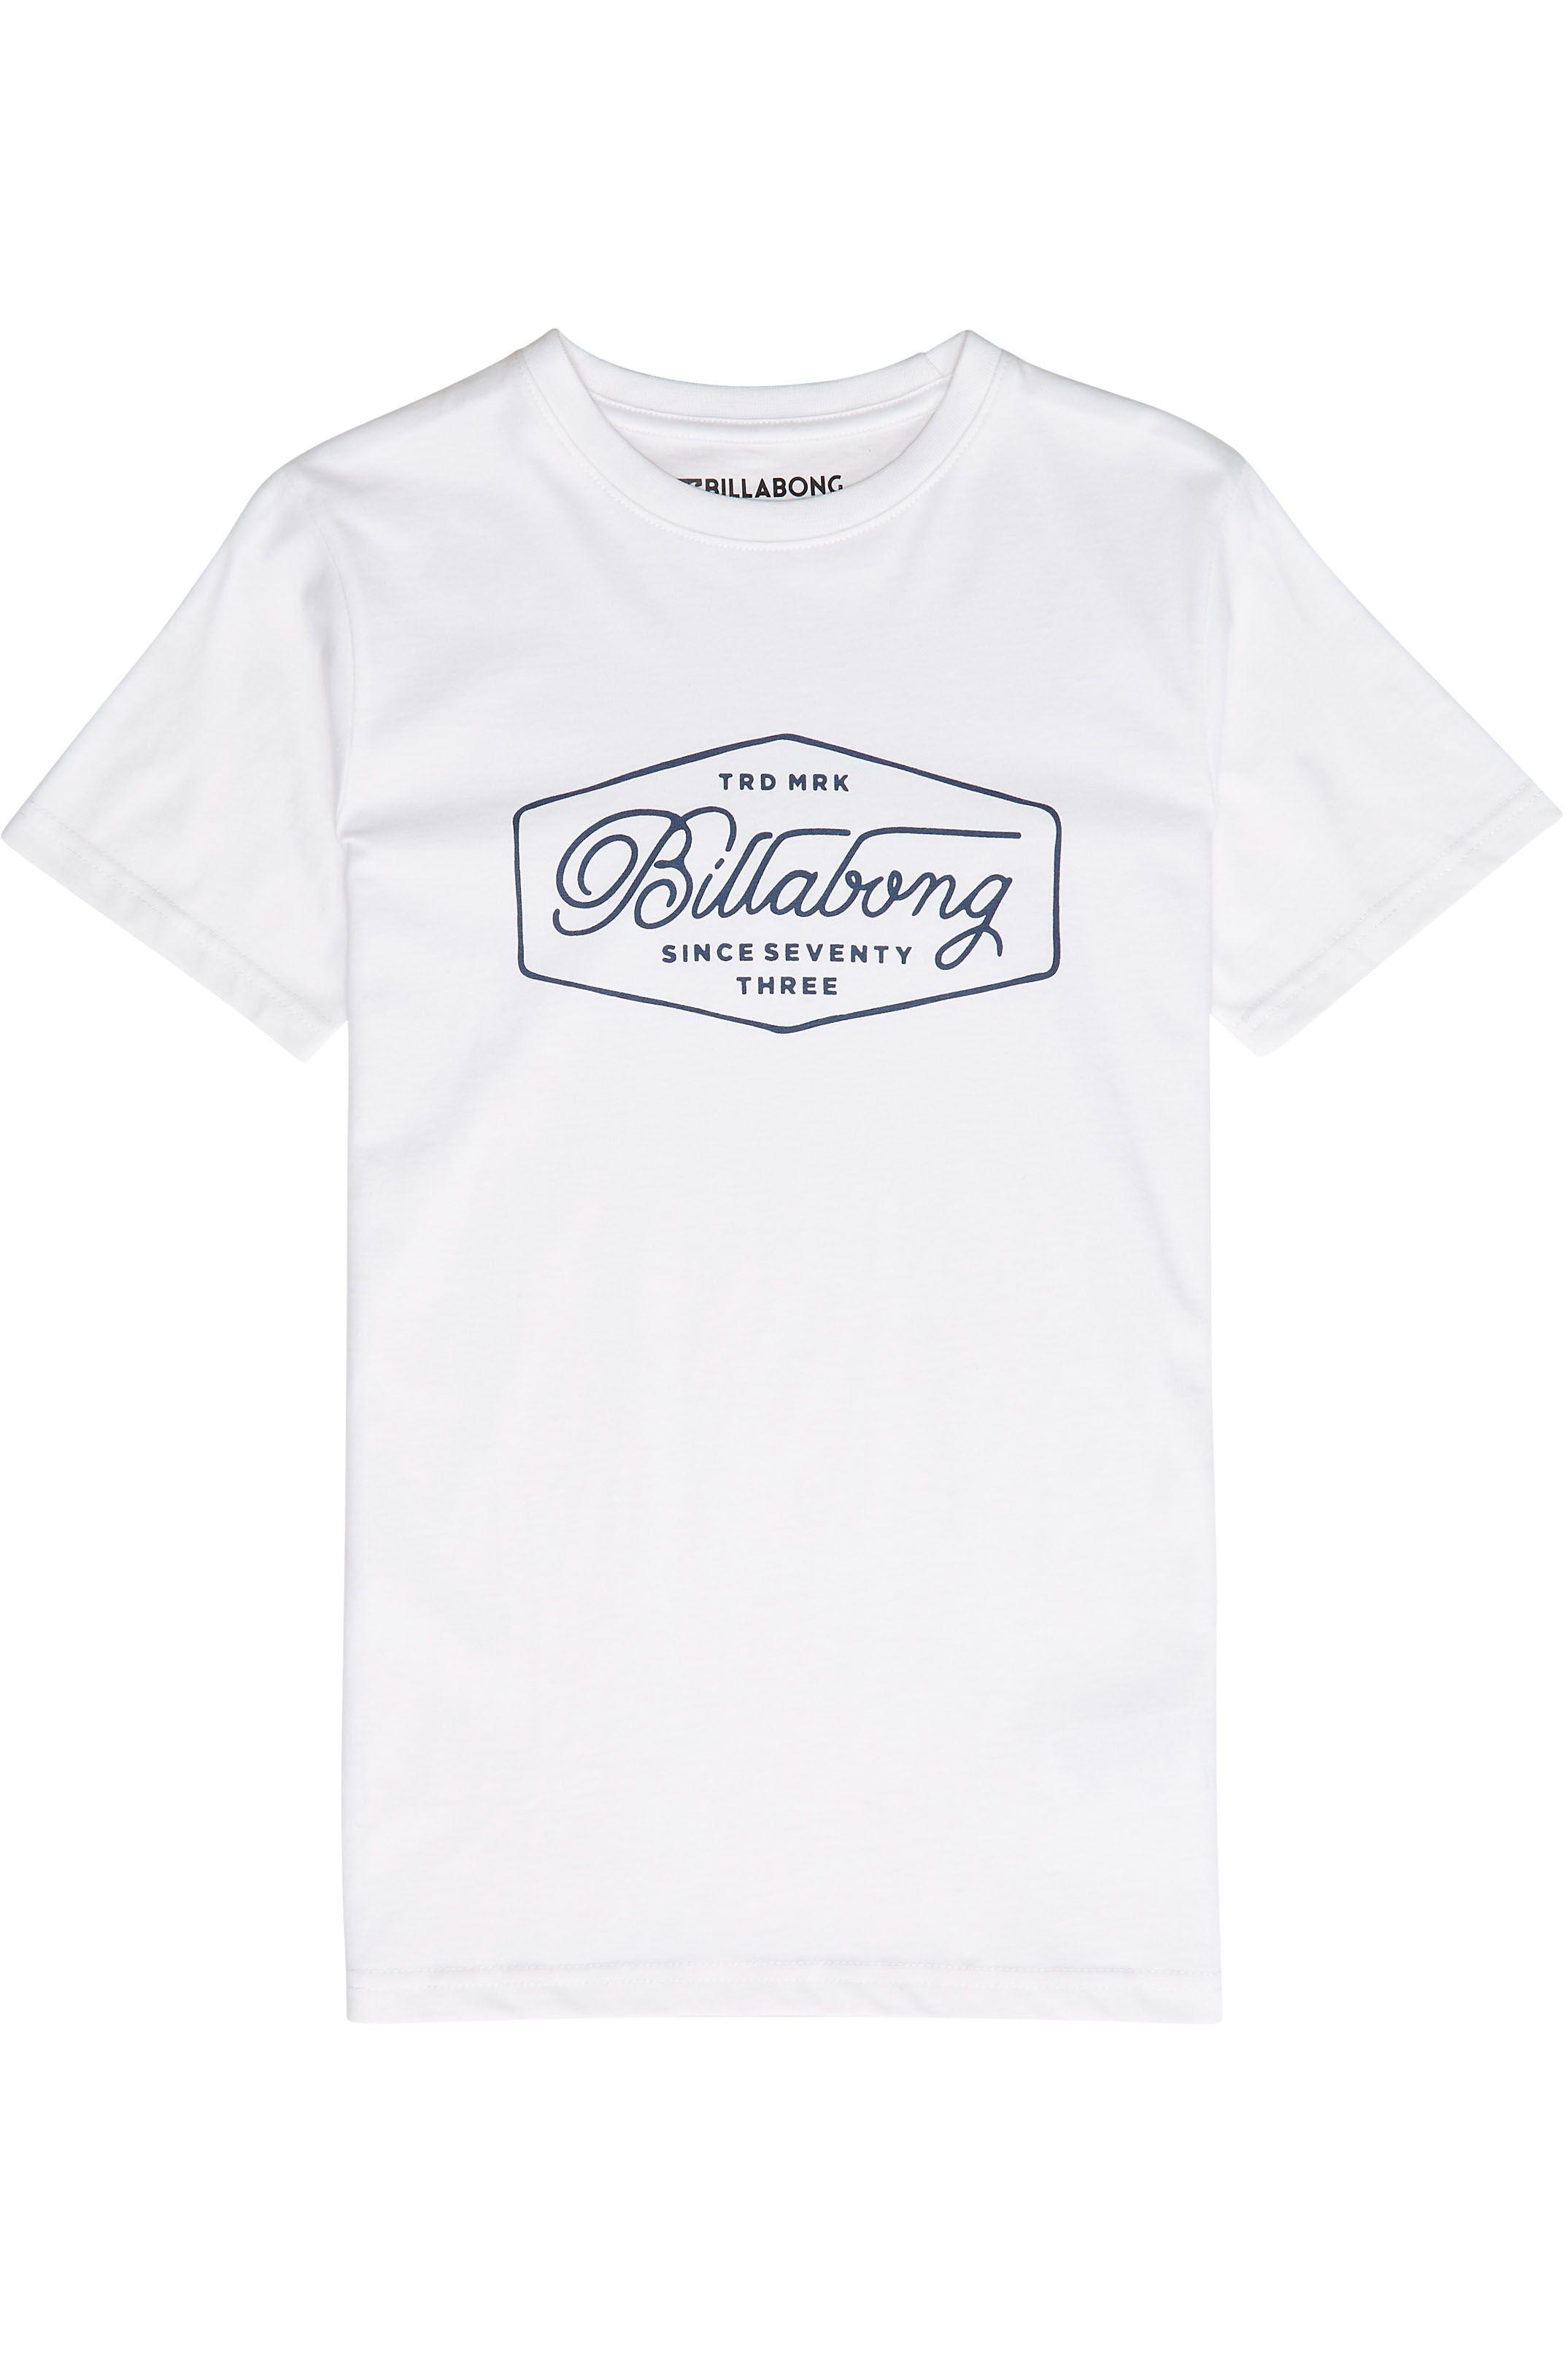 T-Shirt Billabong TRADEMARK White